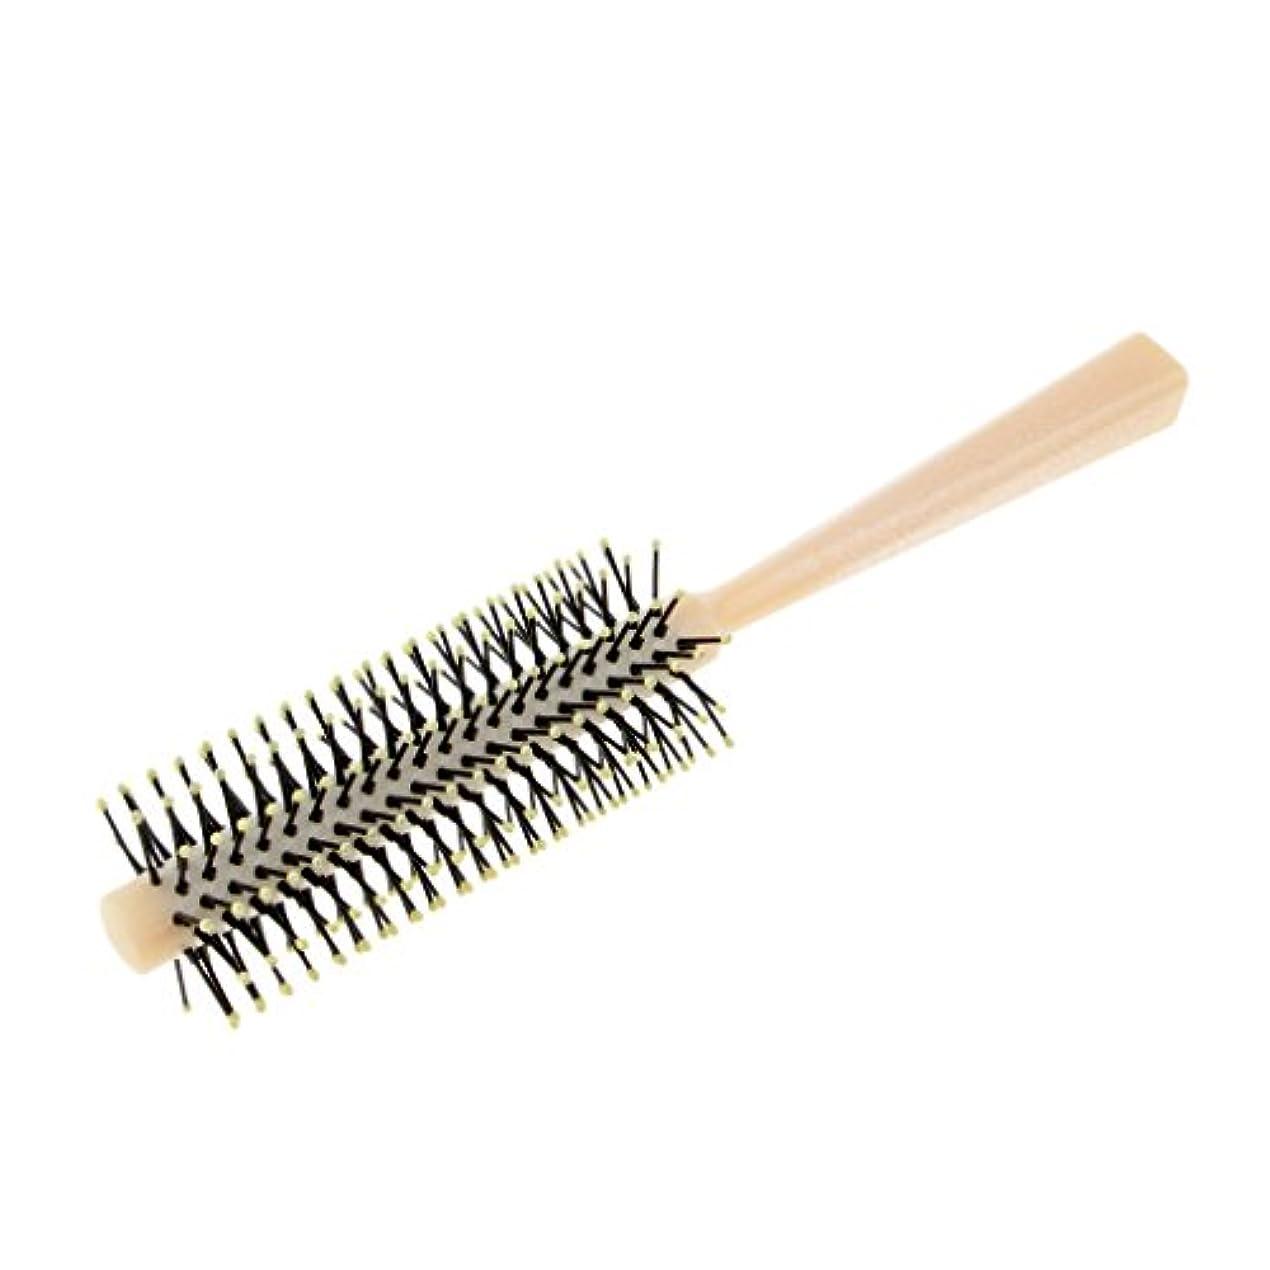 放散する第九けがをするDYNWAVE ヘアブラシ ロール ロールブラシ 頭皮マッサージ カール 巻き髪 全2色 - 白